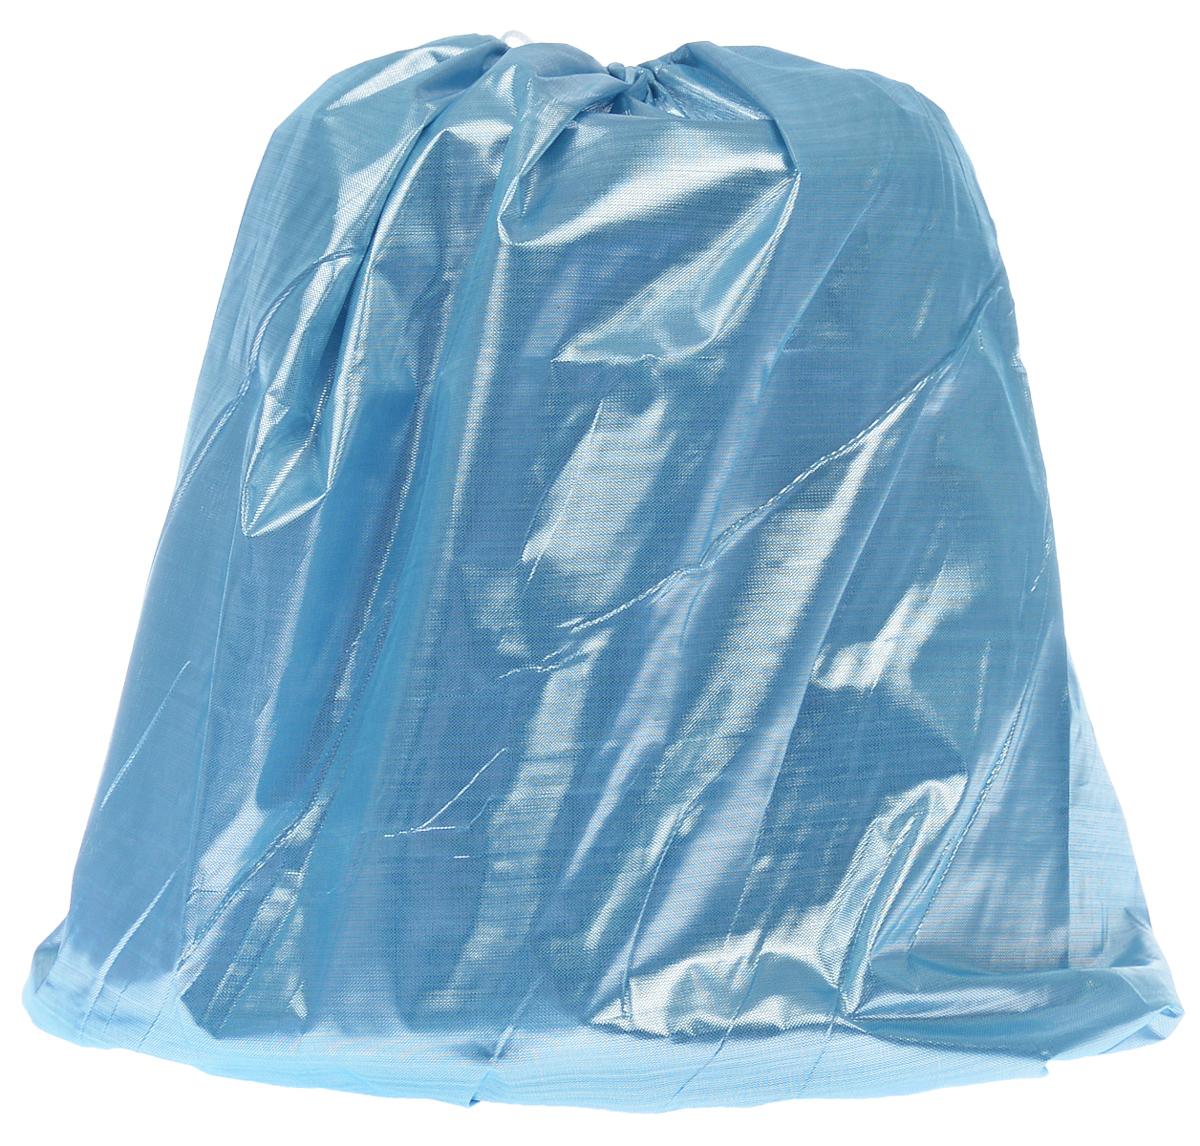 Покрывало под елку Eva, цвет: голубой, 105х45 смNLED-454-9W-BKПокрывало Eva предназначено для декорирования нижней части ствола елки. Вы можете создать искусственный сугроб, украсив его мишурой, конфетти и подарками. Покрывало крепится с помощью завязок.